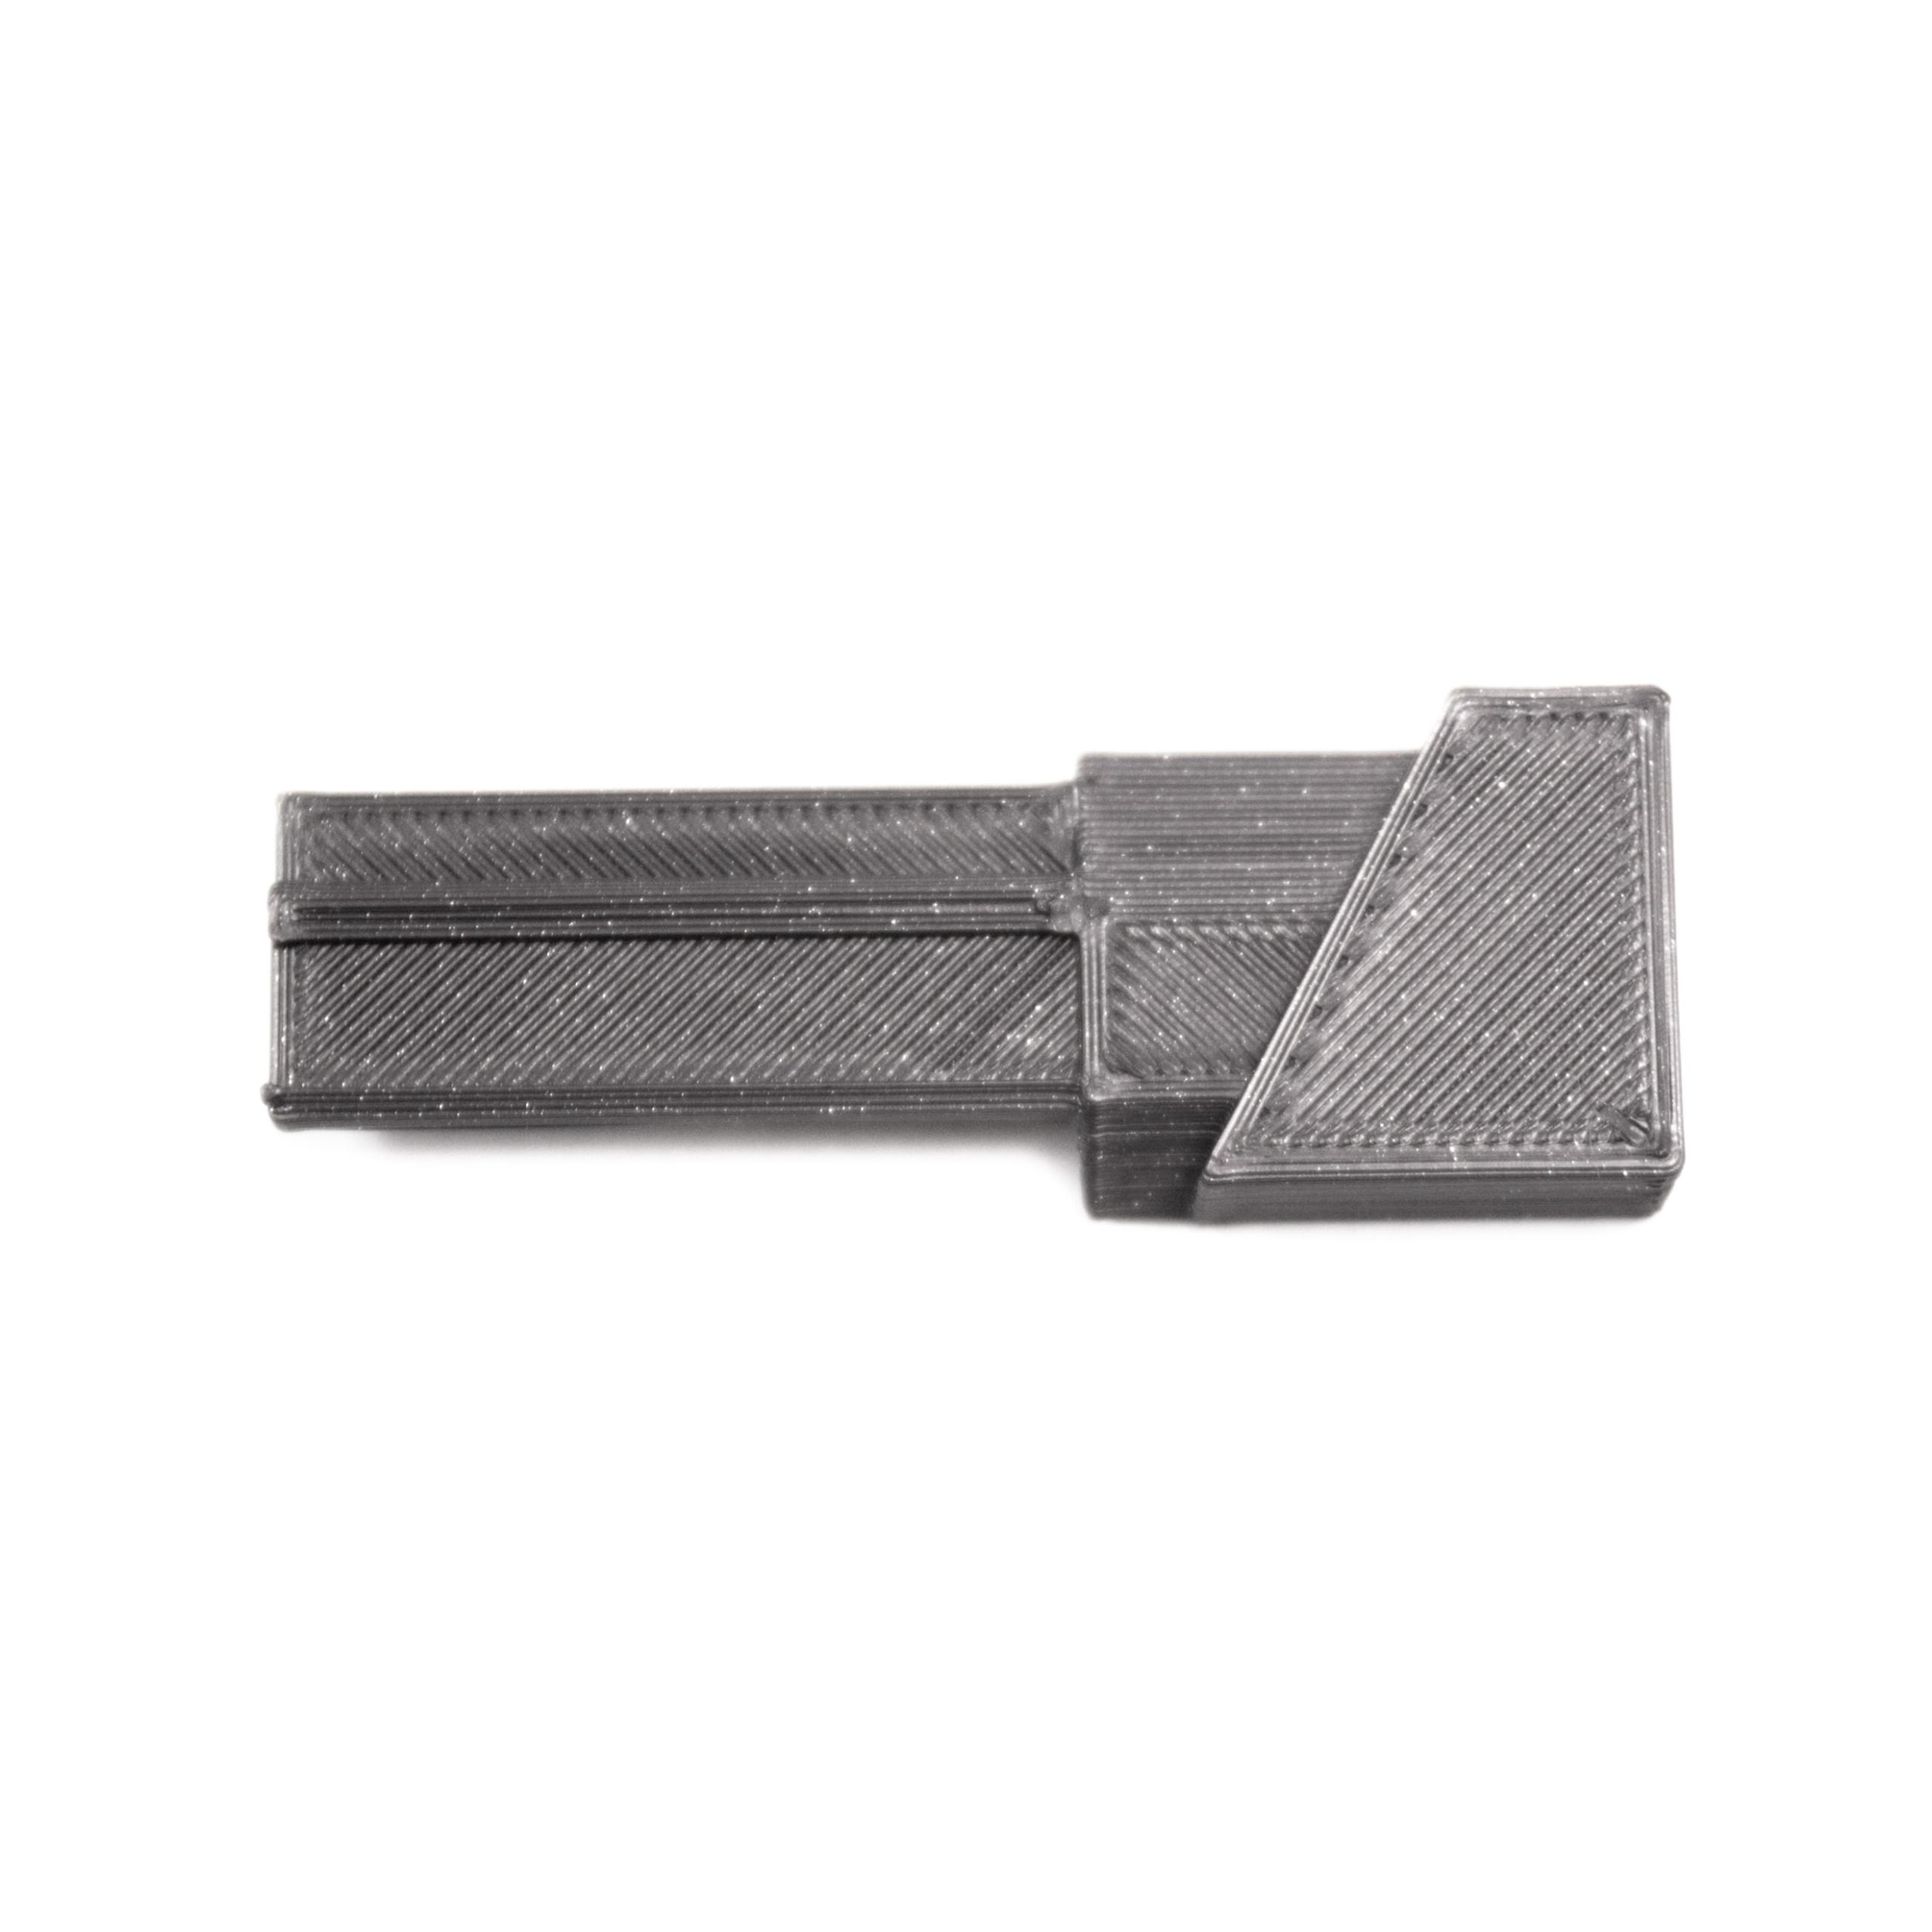 рольставни peugeot 508 sw блокировка направляющая - правый